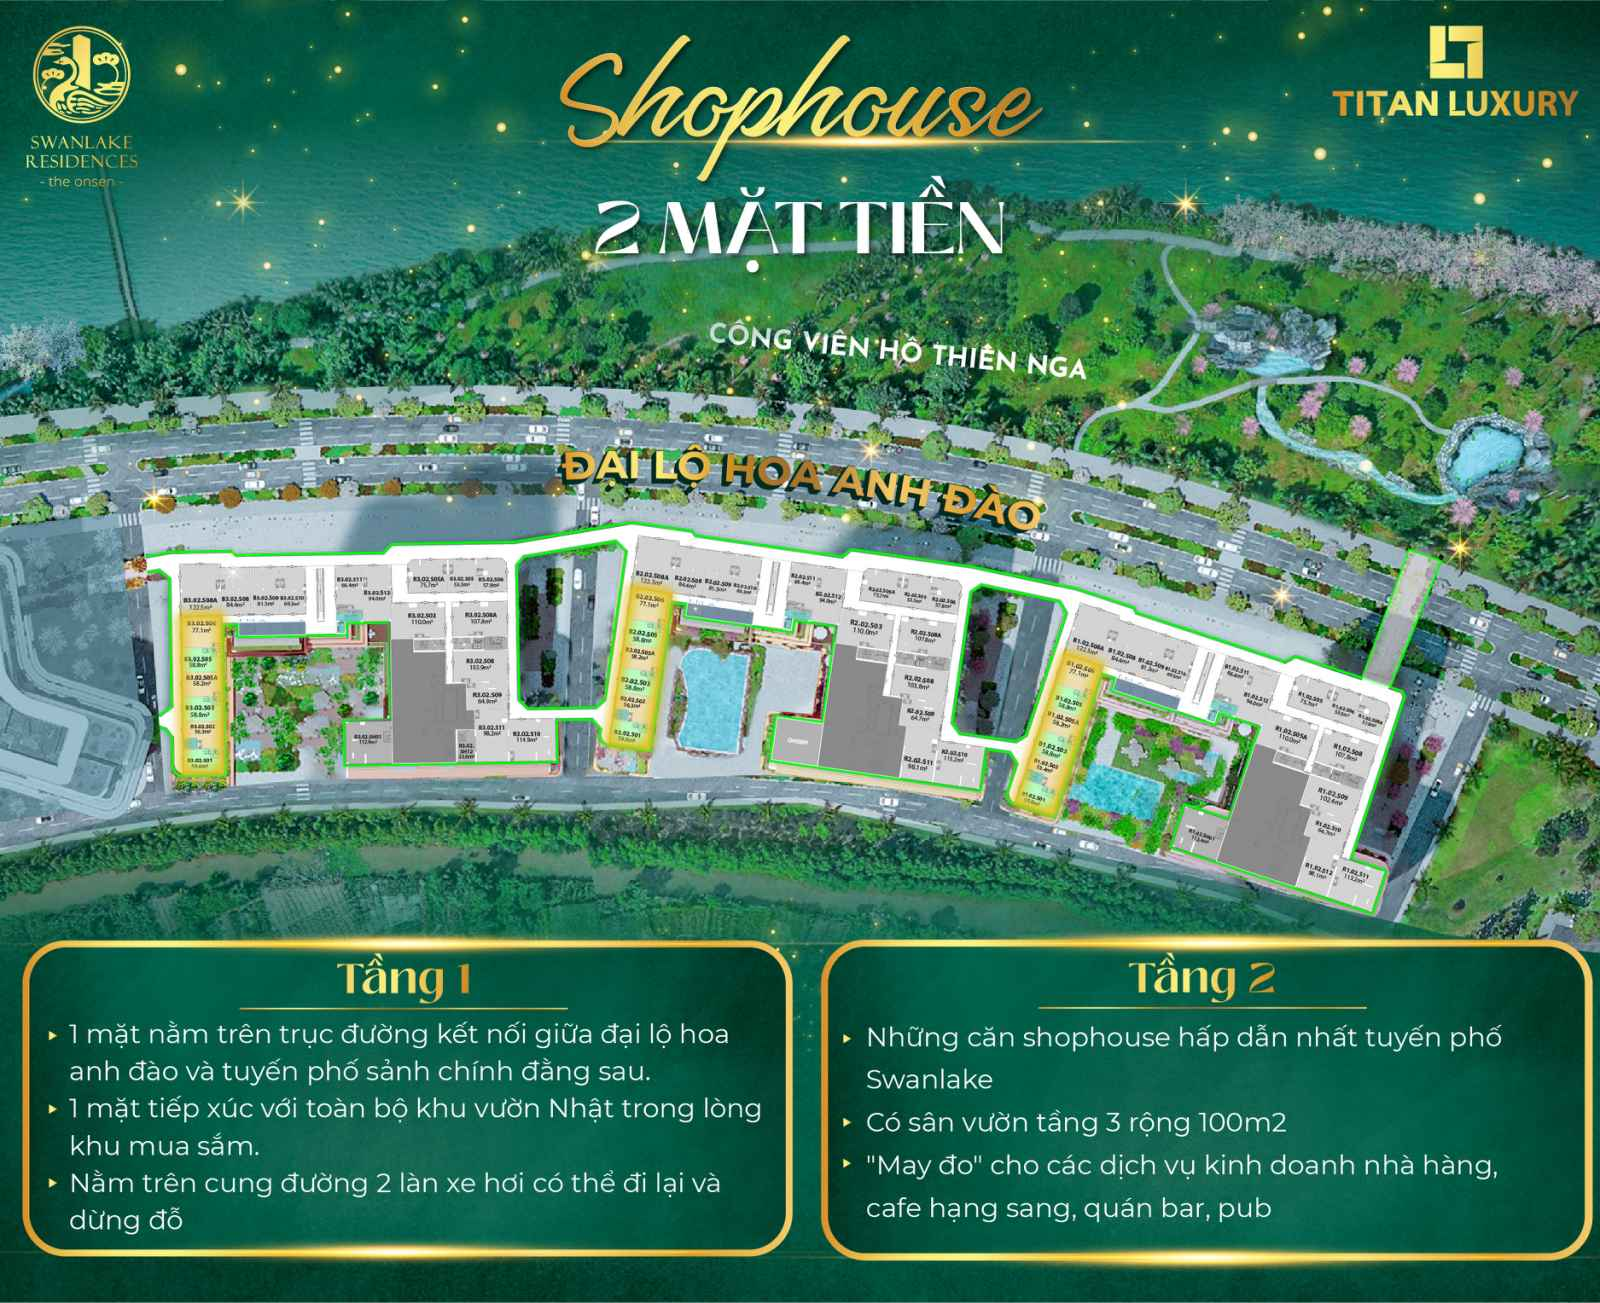 Shophouse 2 mặt tiền